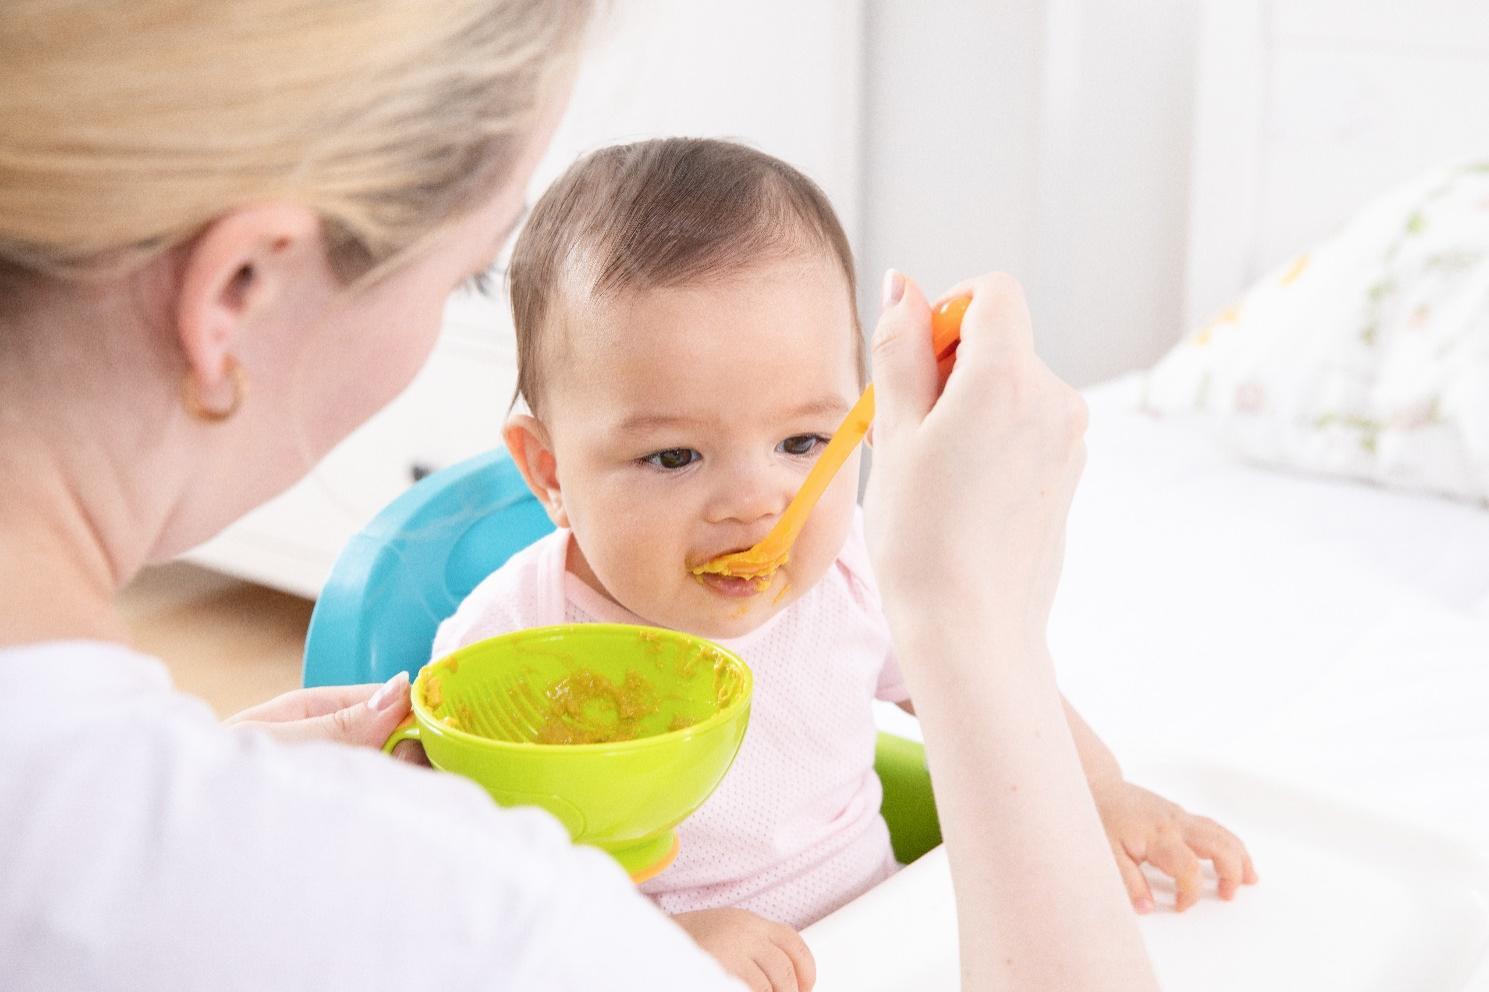 小孩在吃东西  描述已自动生成